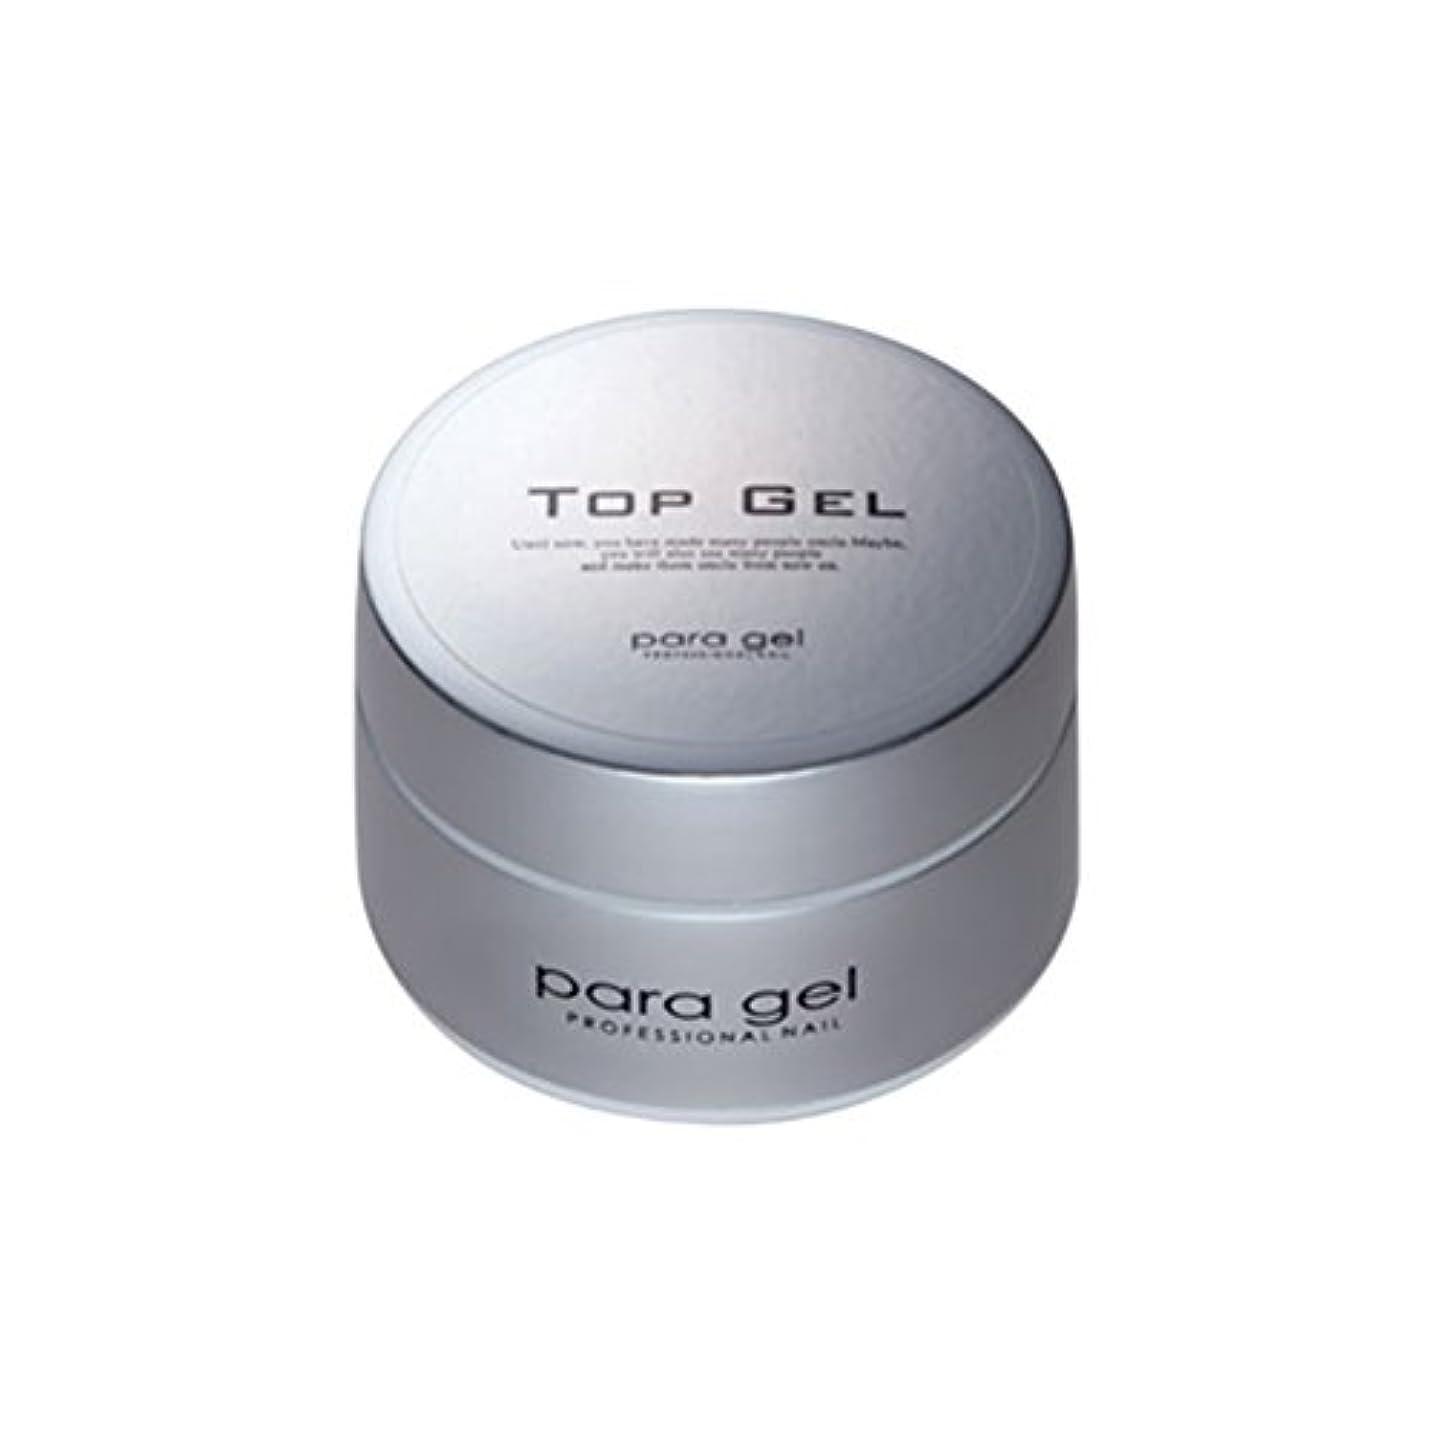 テナント引き潮伝説para gel トップジェル 10g